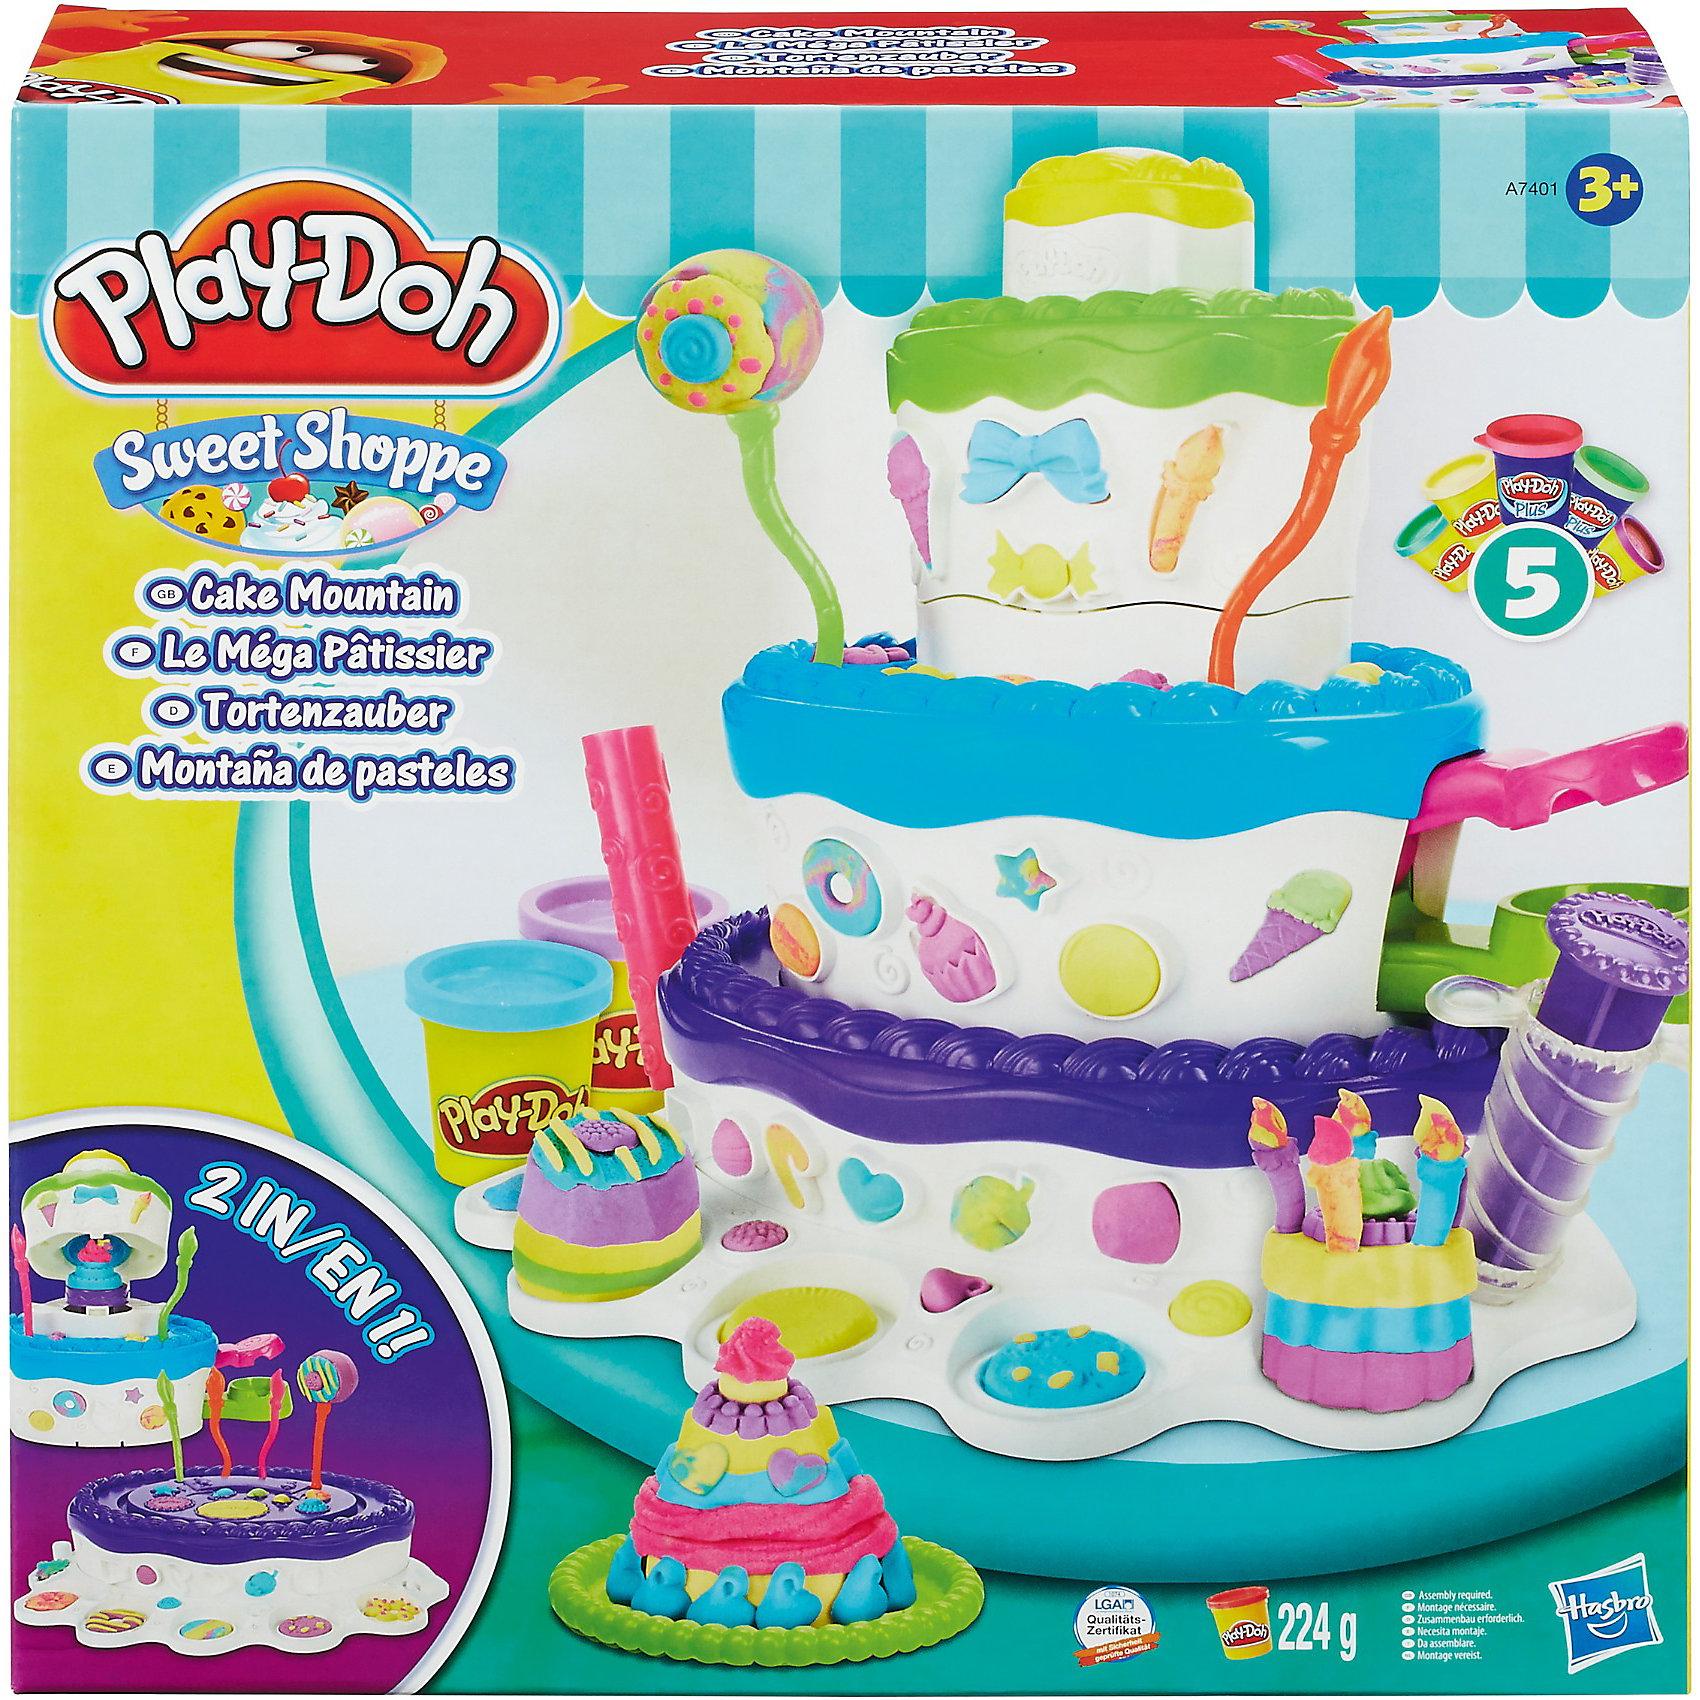 Hasbro Игровой набор Праздничный торт, Play-Doh play doh игровой набор праздничный торт